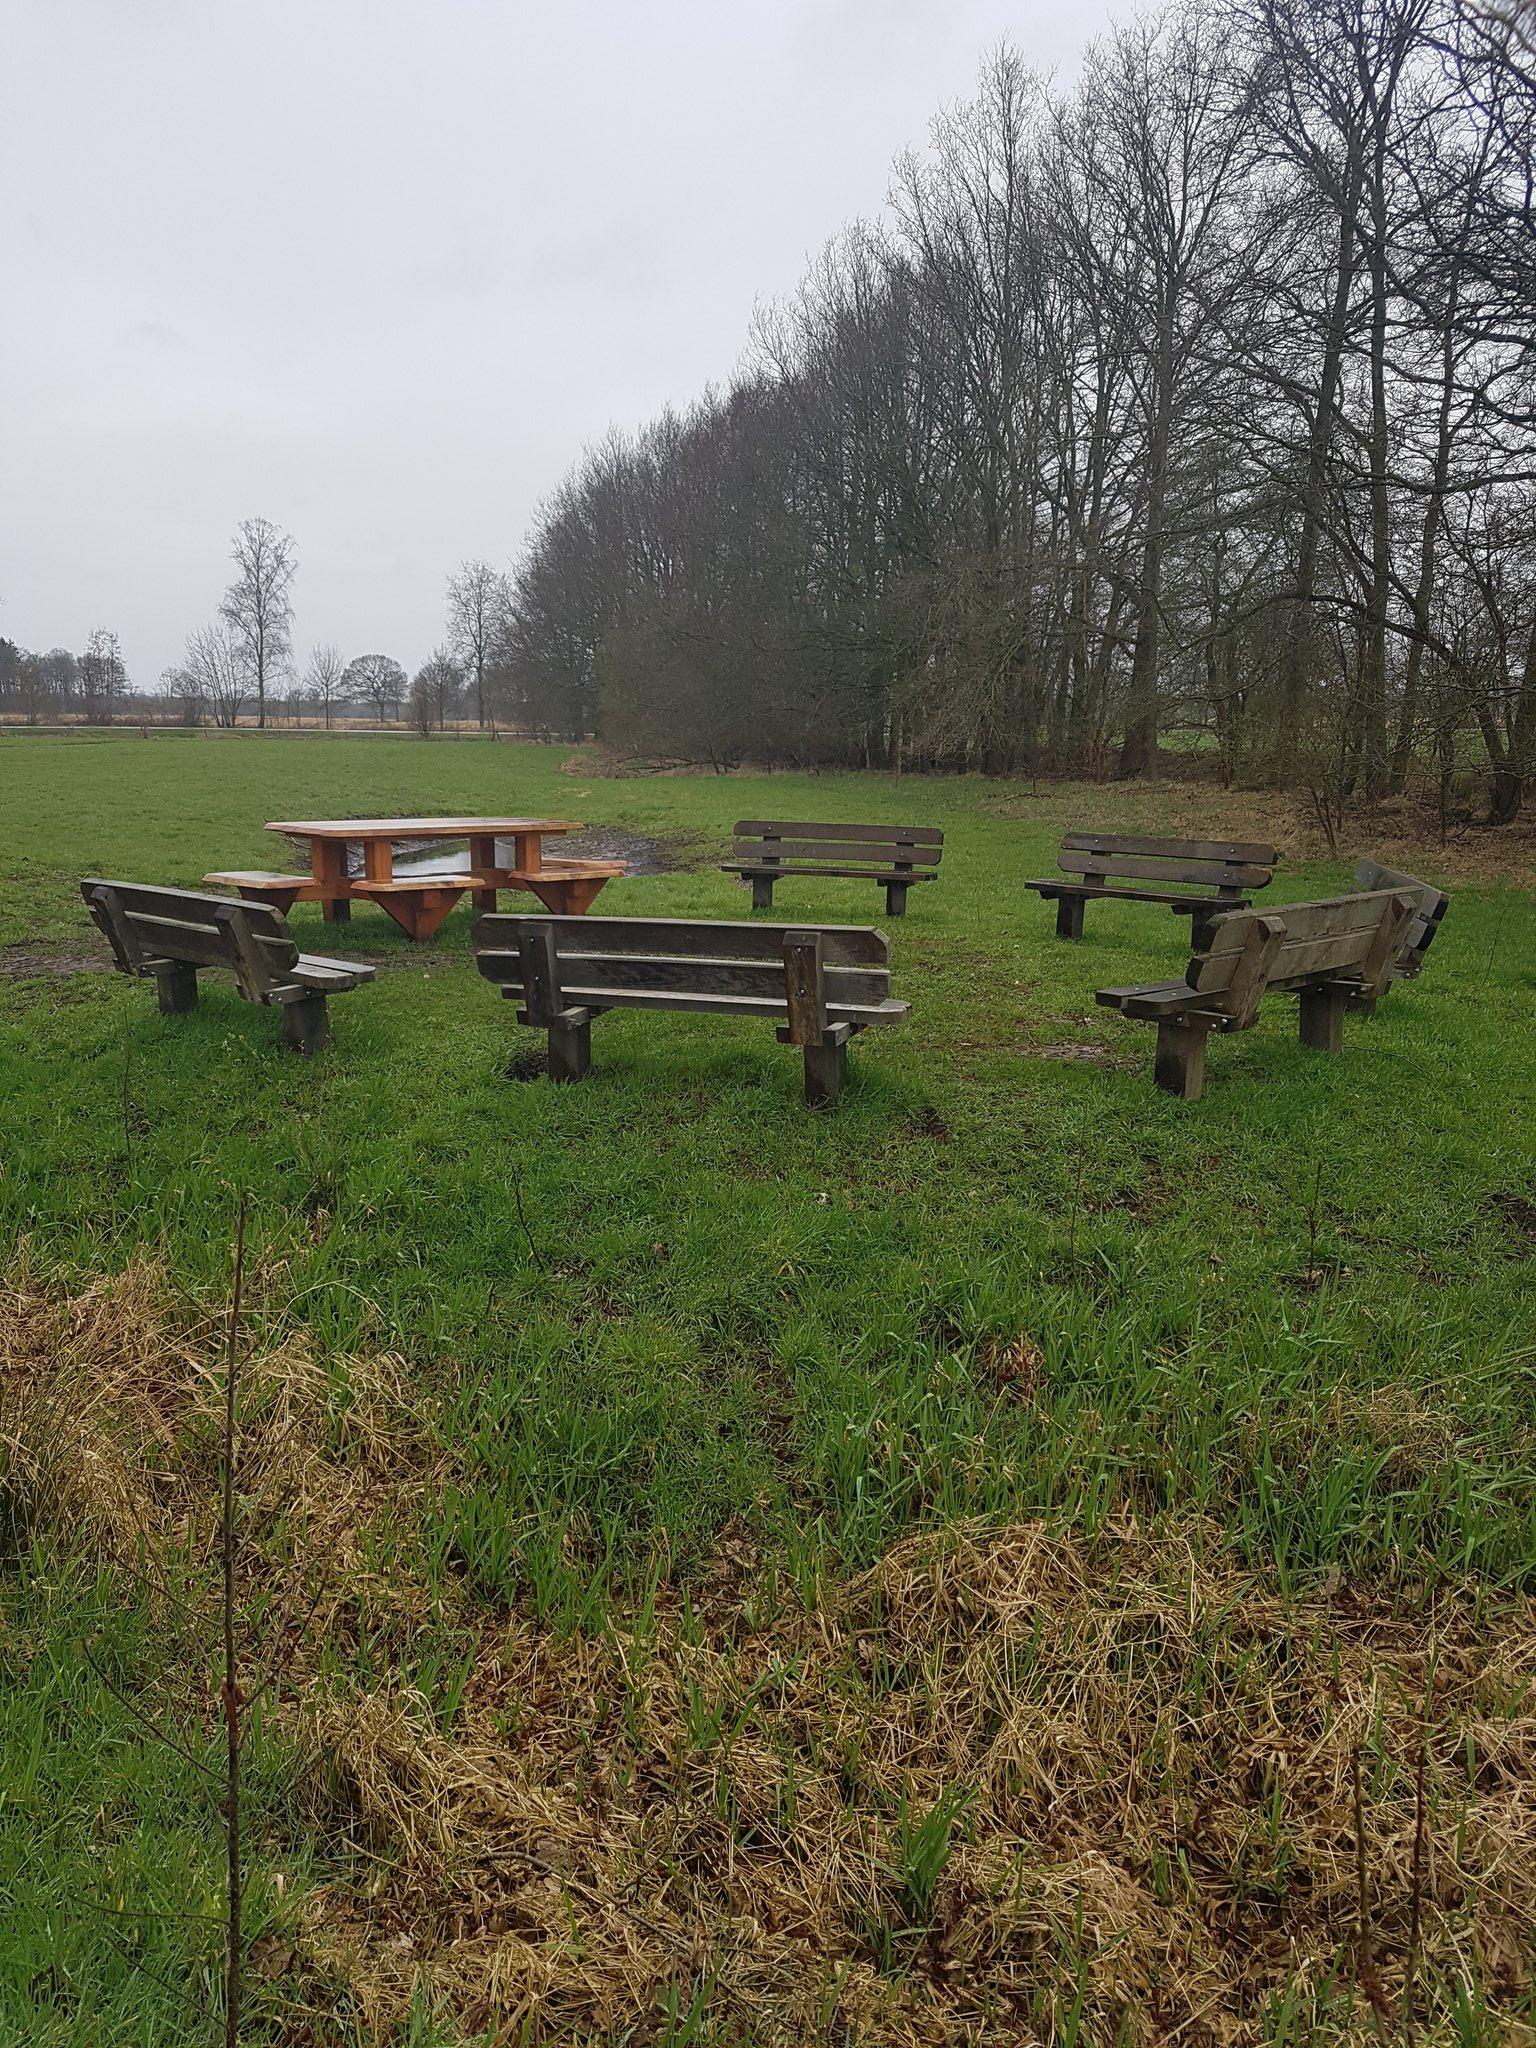 rt-gertdewit-dwingeloo-vandaag-een-beetje-regen-maar-een-mooie-groep-wandelbankjes-https-t-co-cjudkqwie2